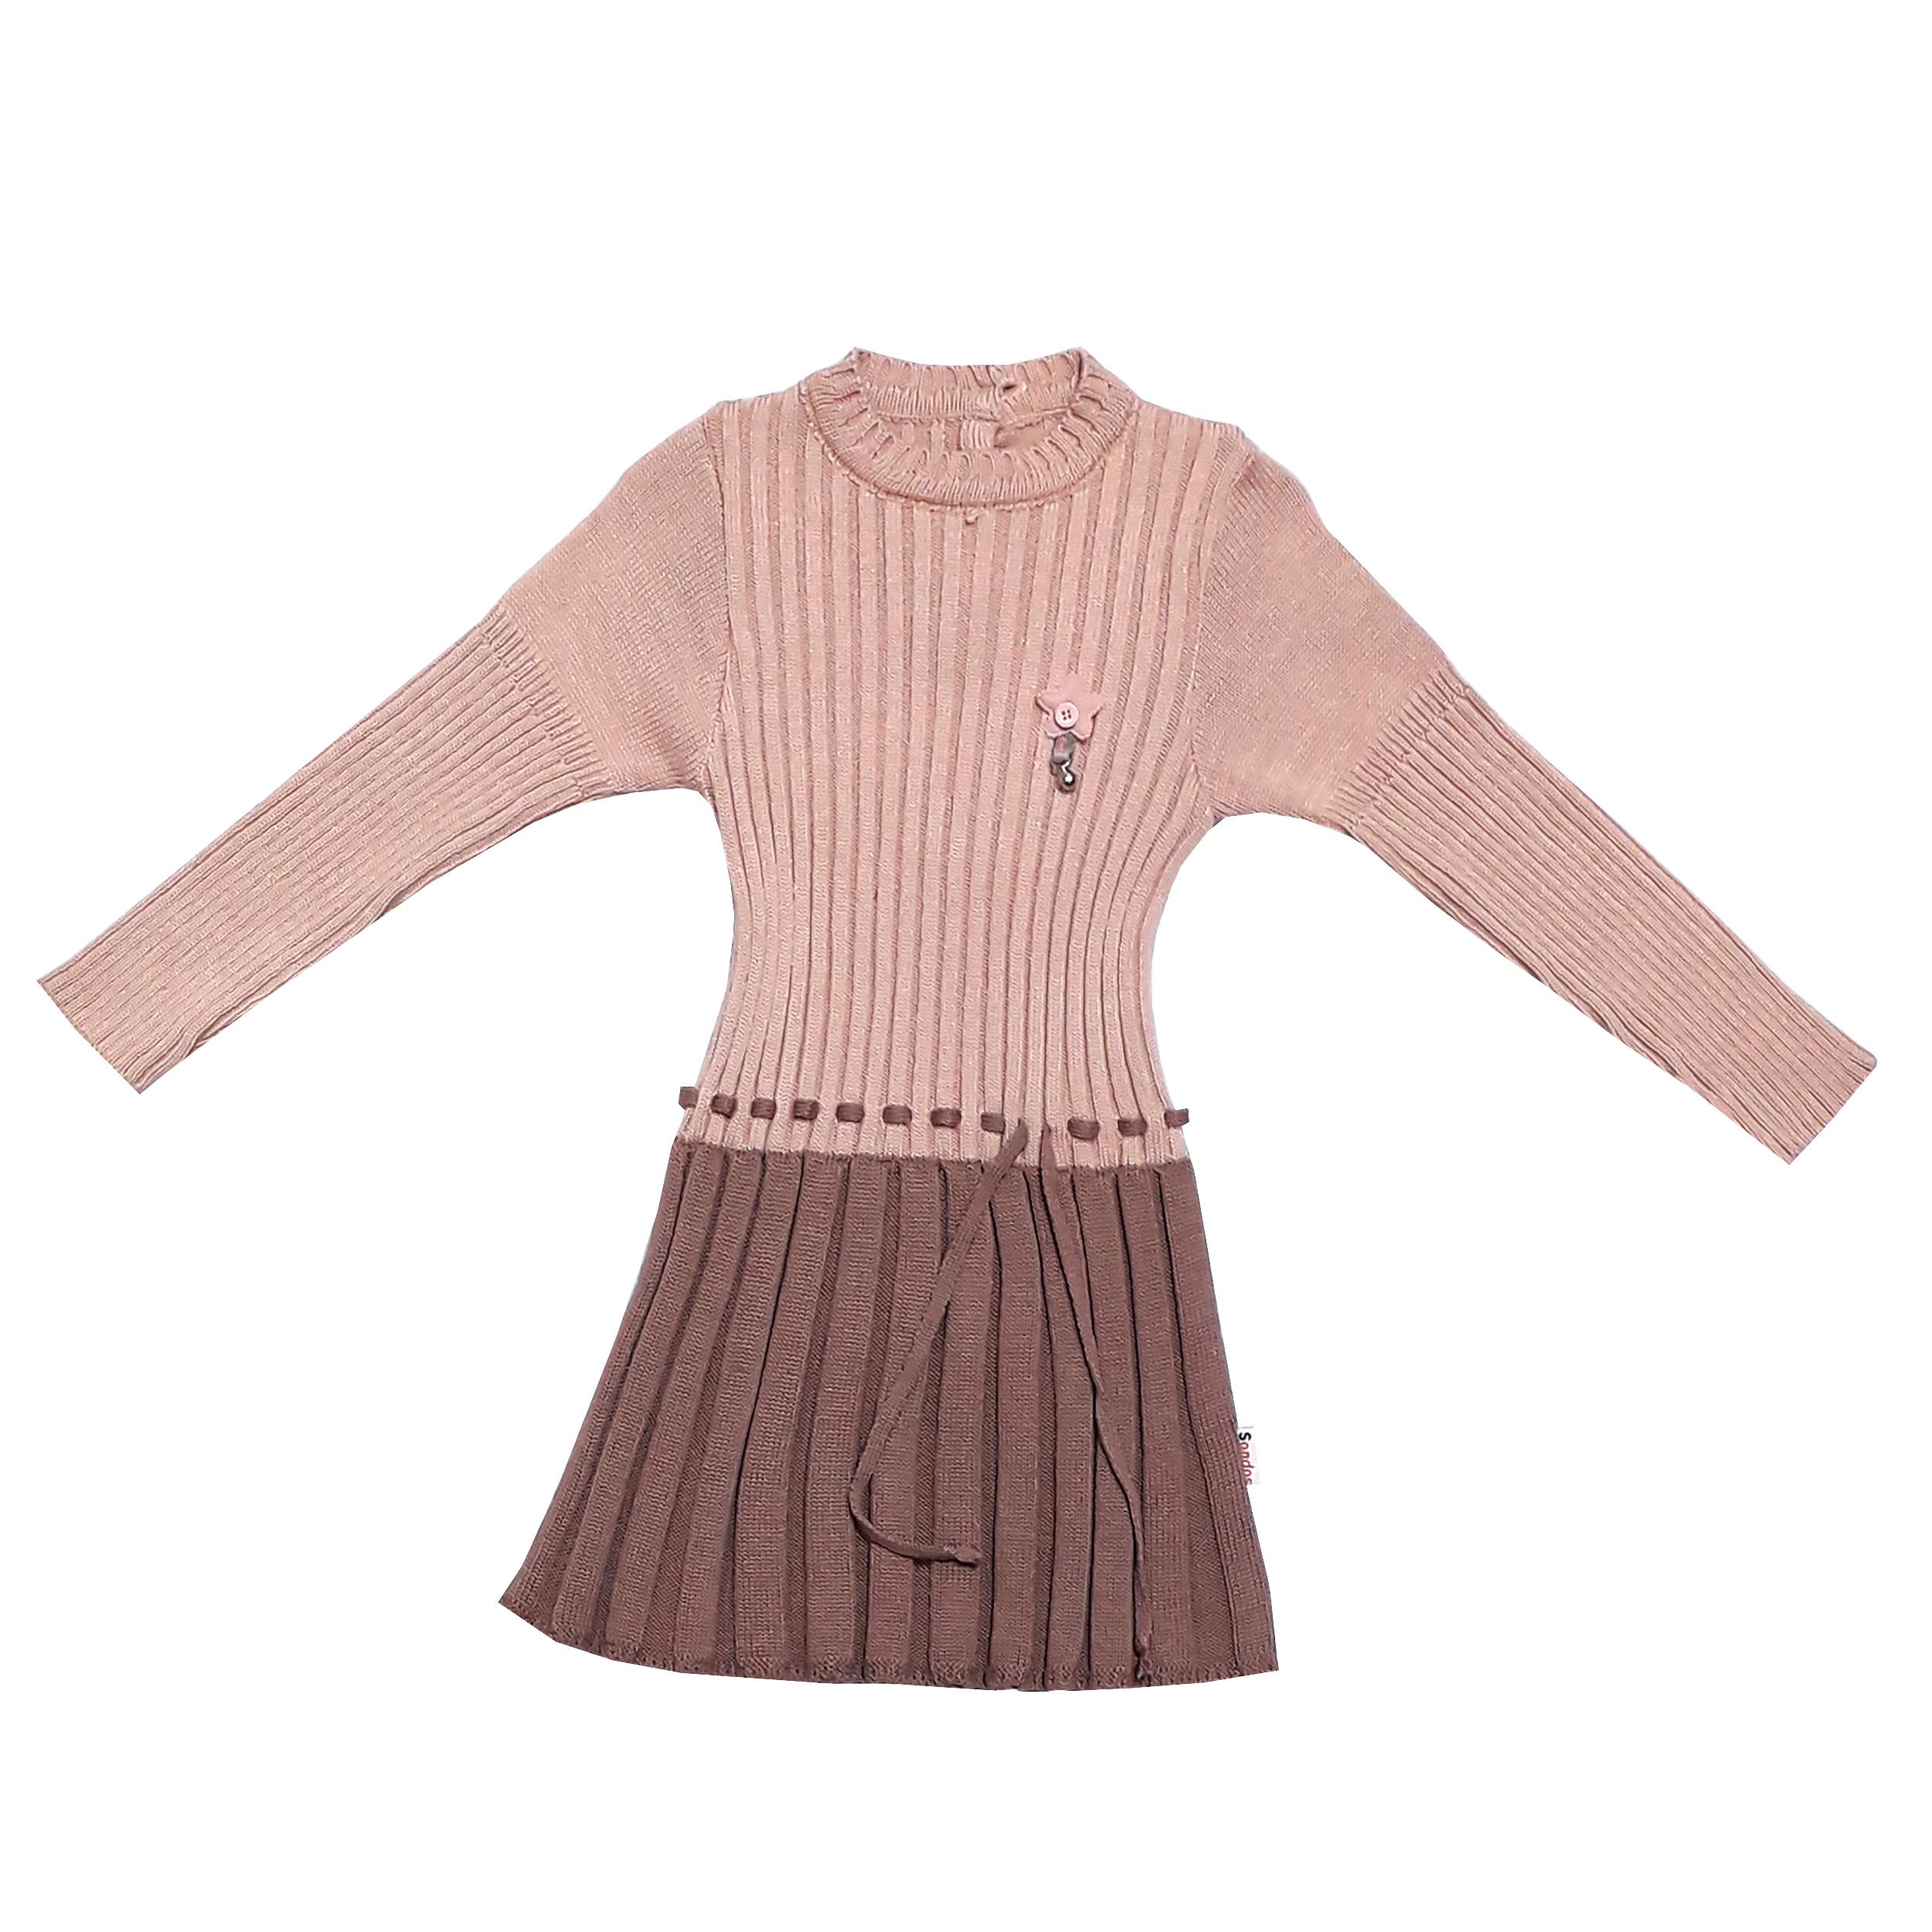 پیراهن بافت نوزادی دخترانه مدل 4023